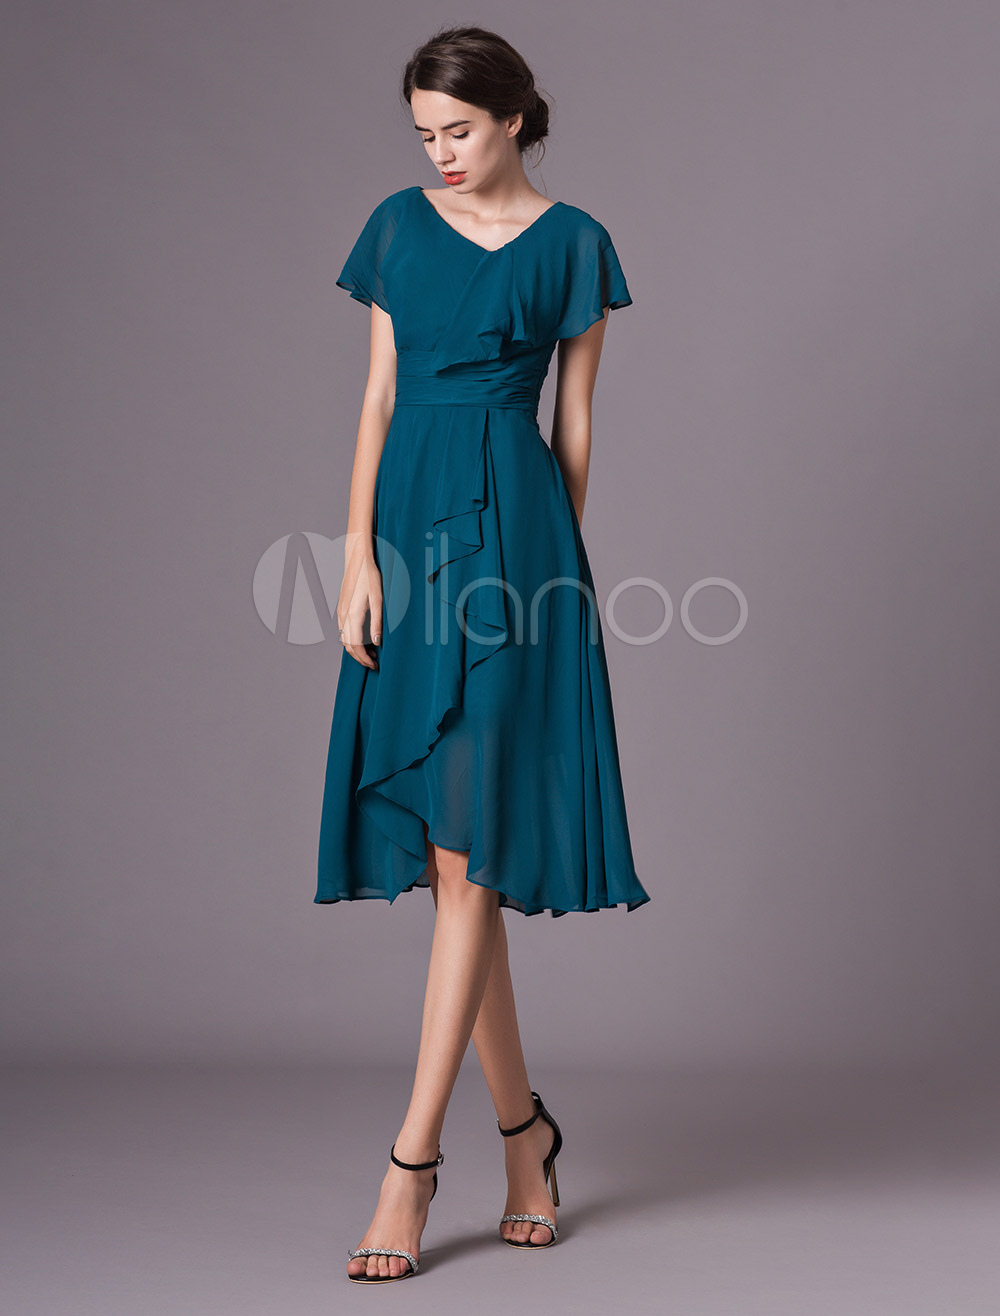 Wedding Guest Dress Ink Blue Short Sleeve V Neck Chiffon Ruffles Mother Dress